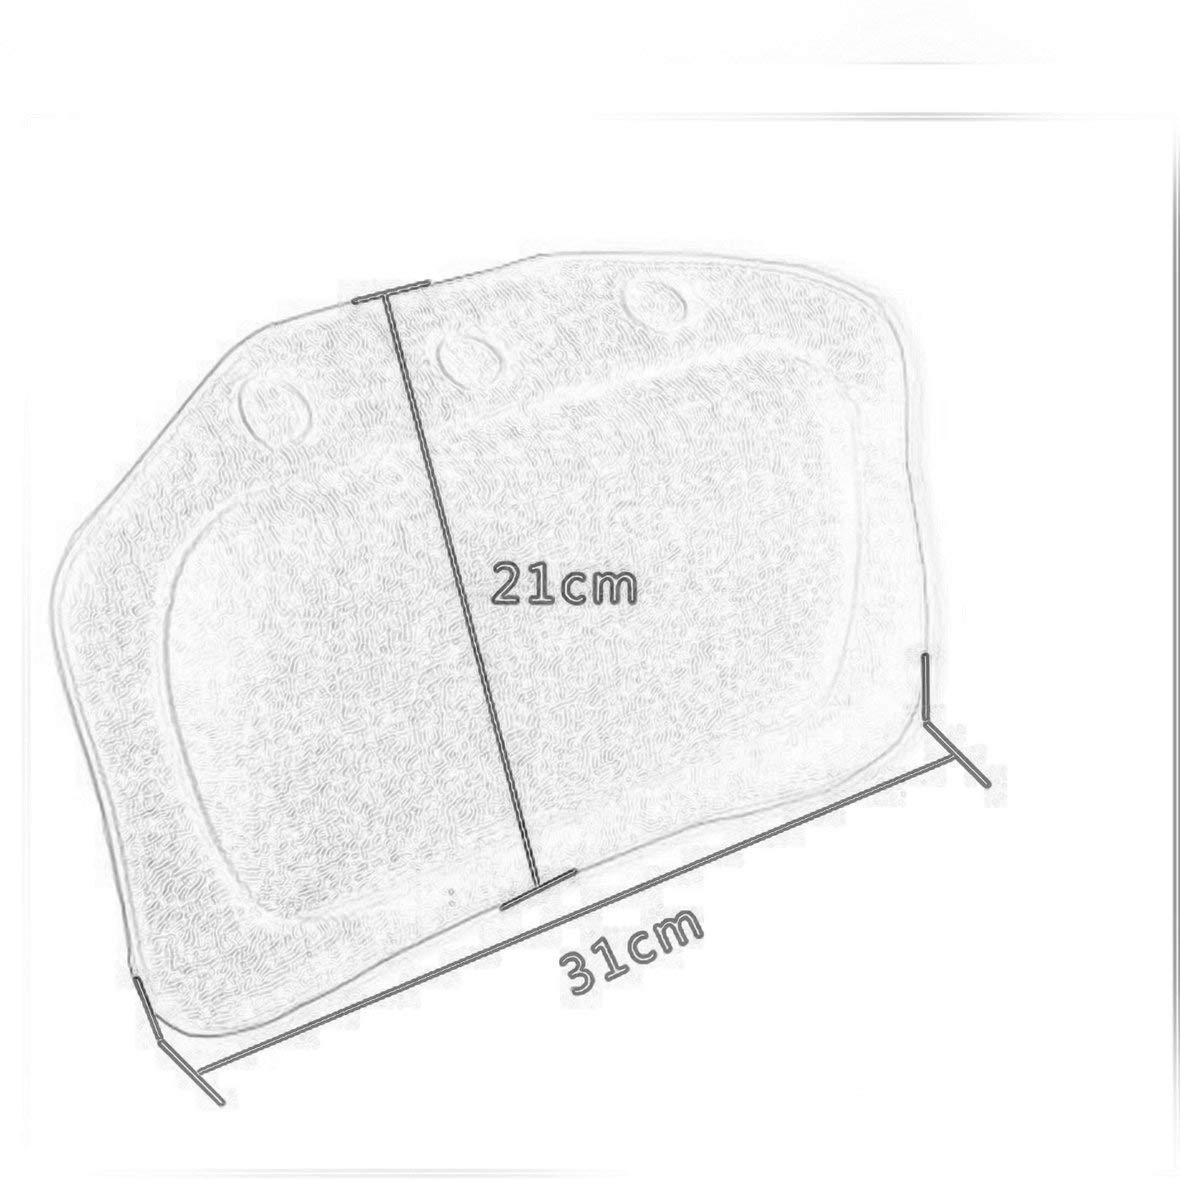 Heaviesk Reposacabezas del ba/ño de la Espuma de la Esponja del ba/ño de la Almohada Suave de la Almohada del ba/ño de PVC